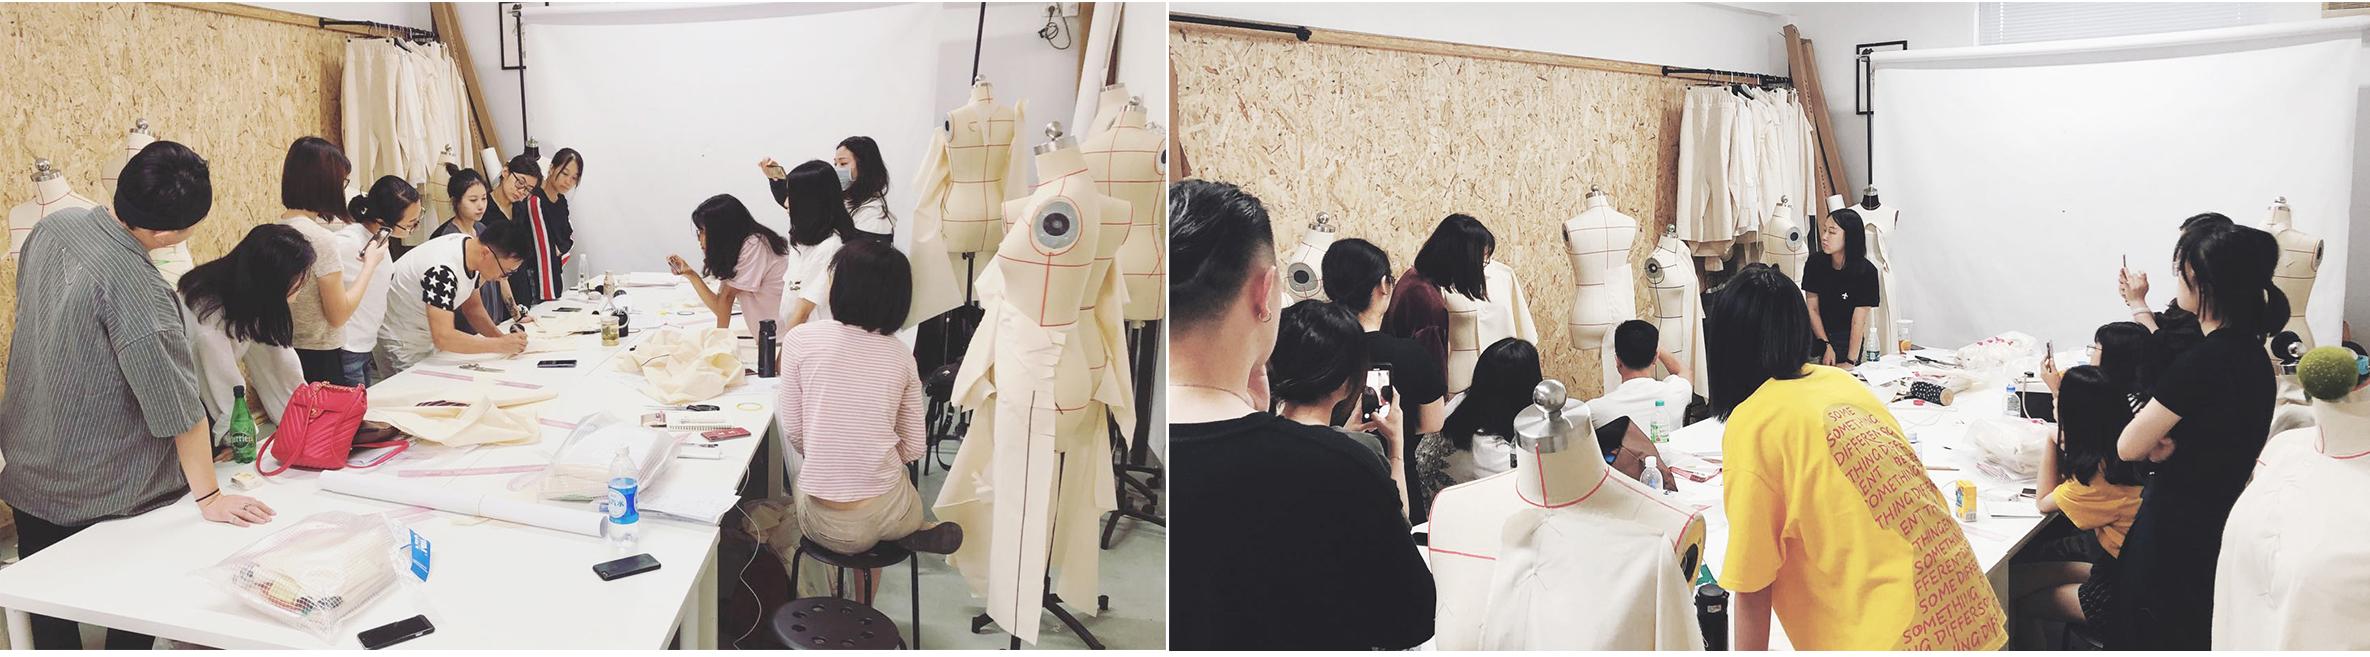 服装立体裁剪与创意女装课程,立体裁剪,课程氛围